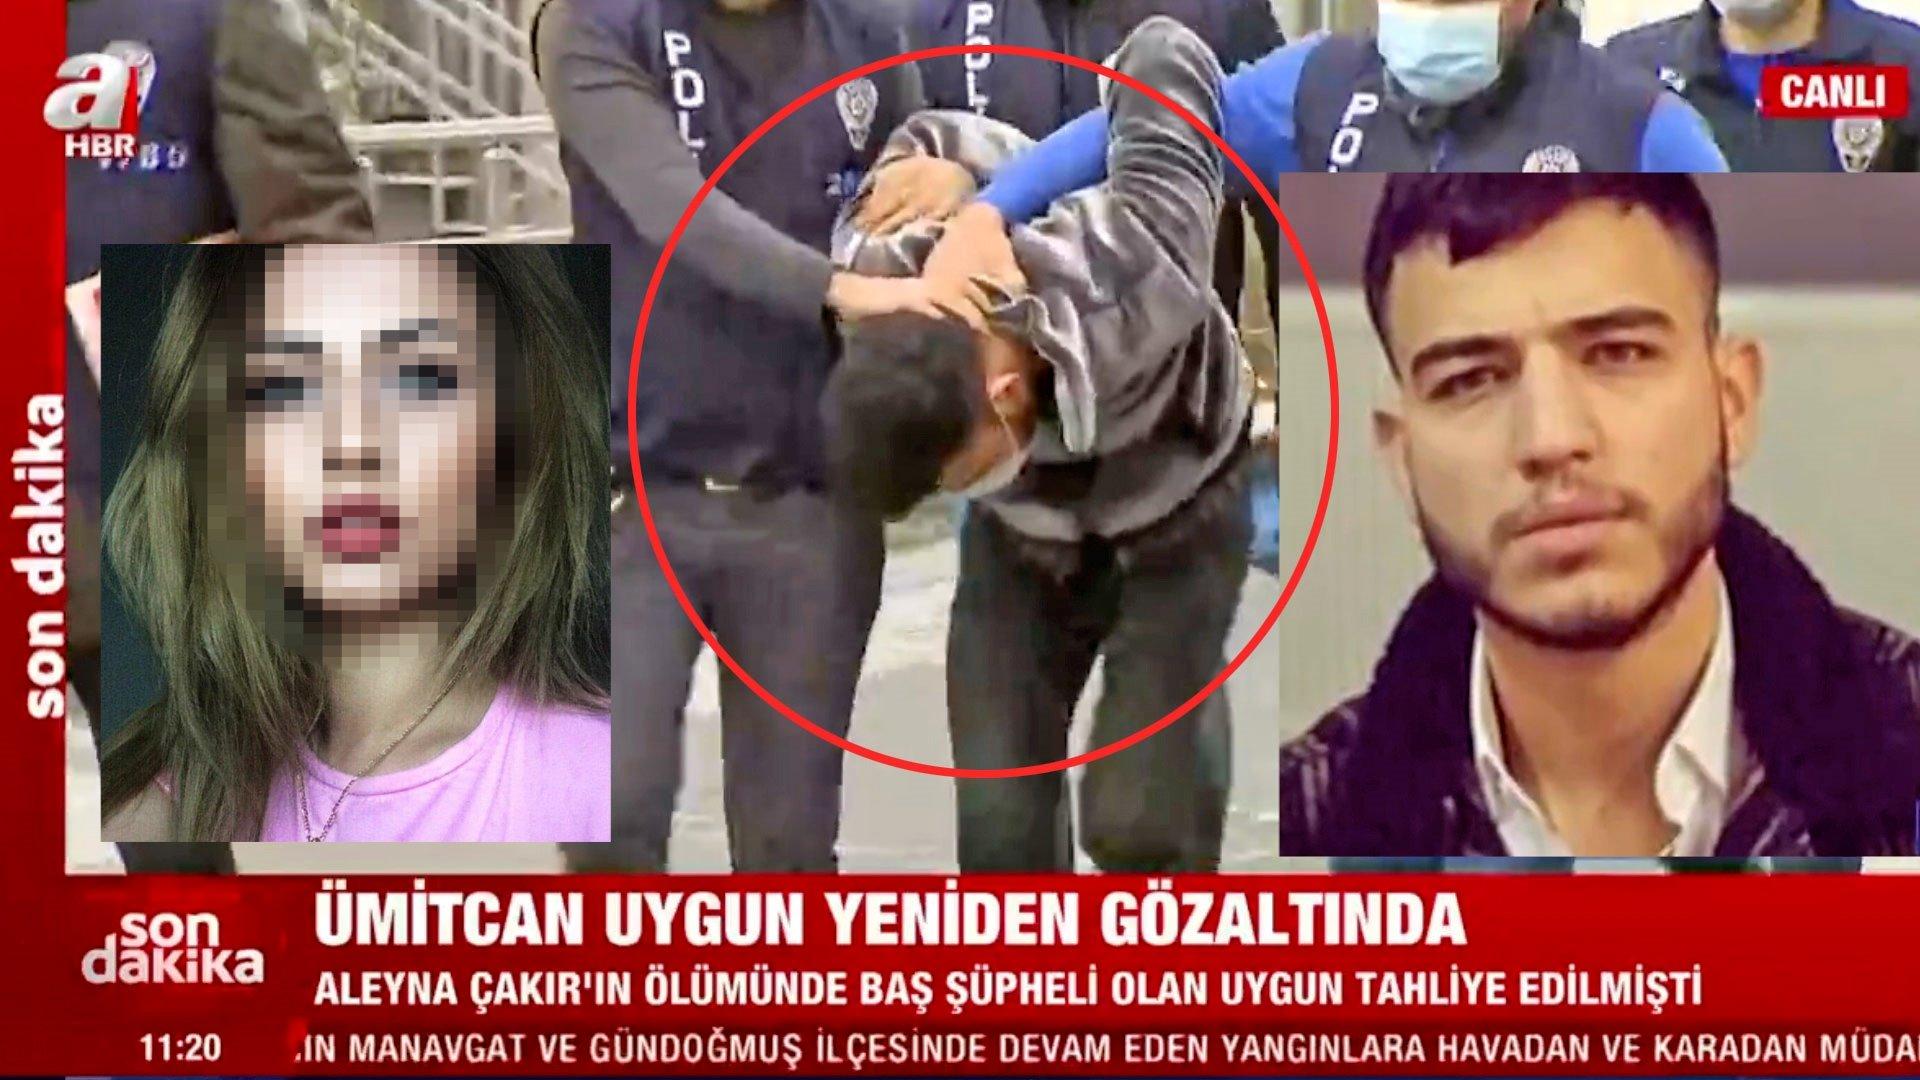 Ümitcan Uygun'un aynı evde kaldığı Esra Hankulu'nun ölüm sebebi ne? Ümitcan  Uygun olayında son dakika yeni ölüm videosunu izle | Son Dakika Haberleri